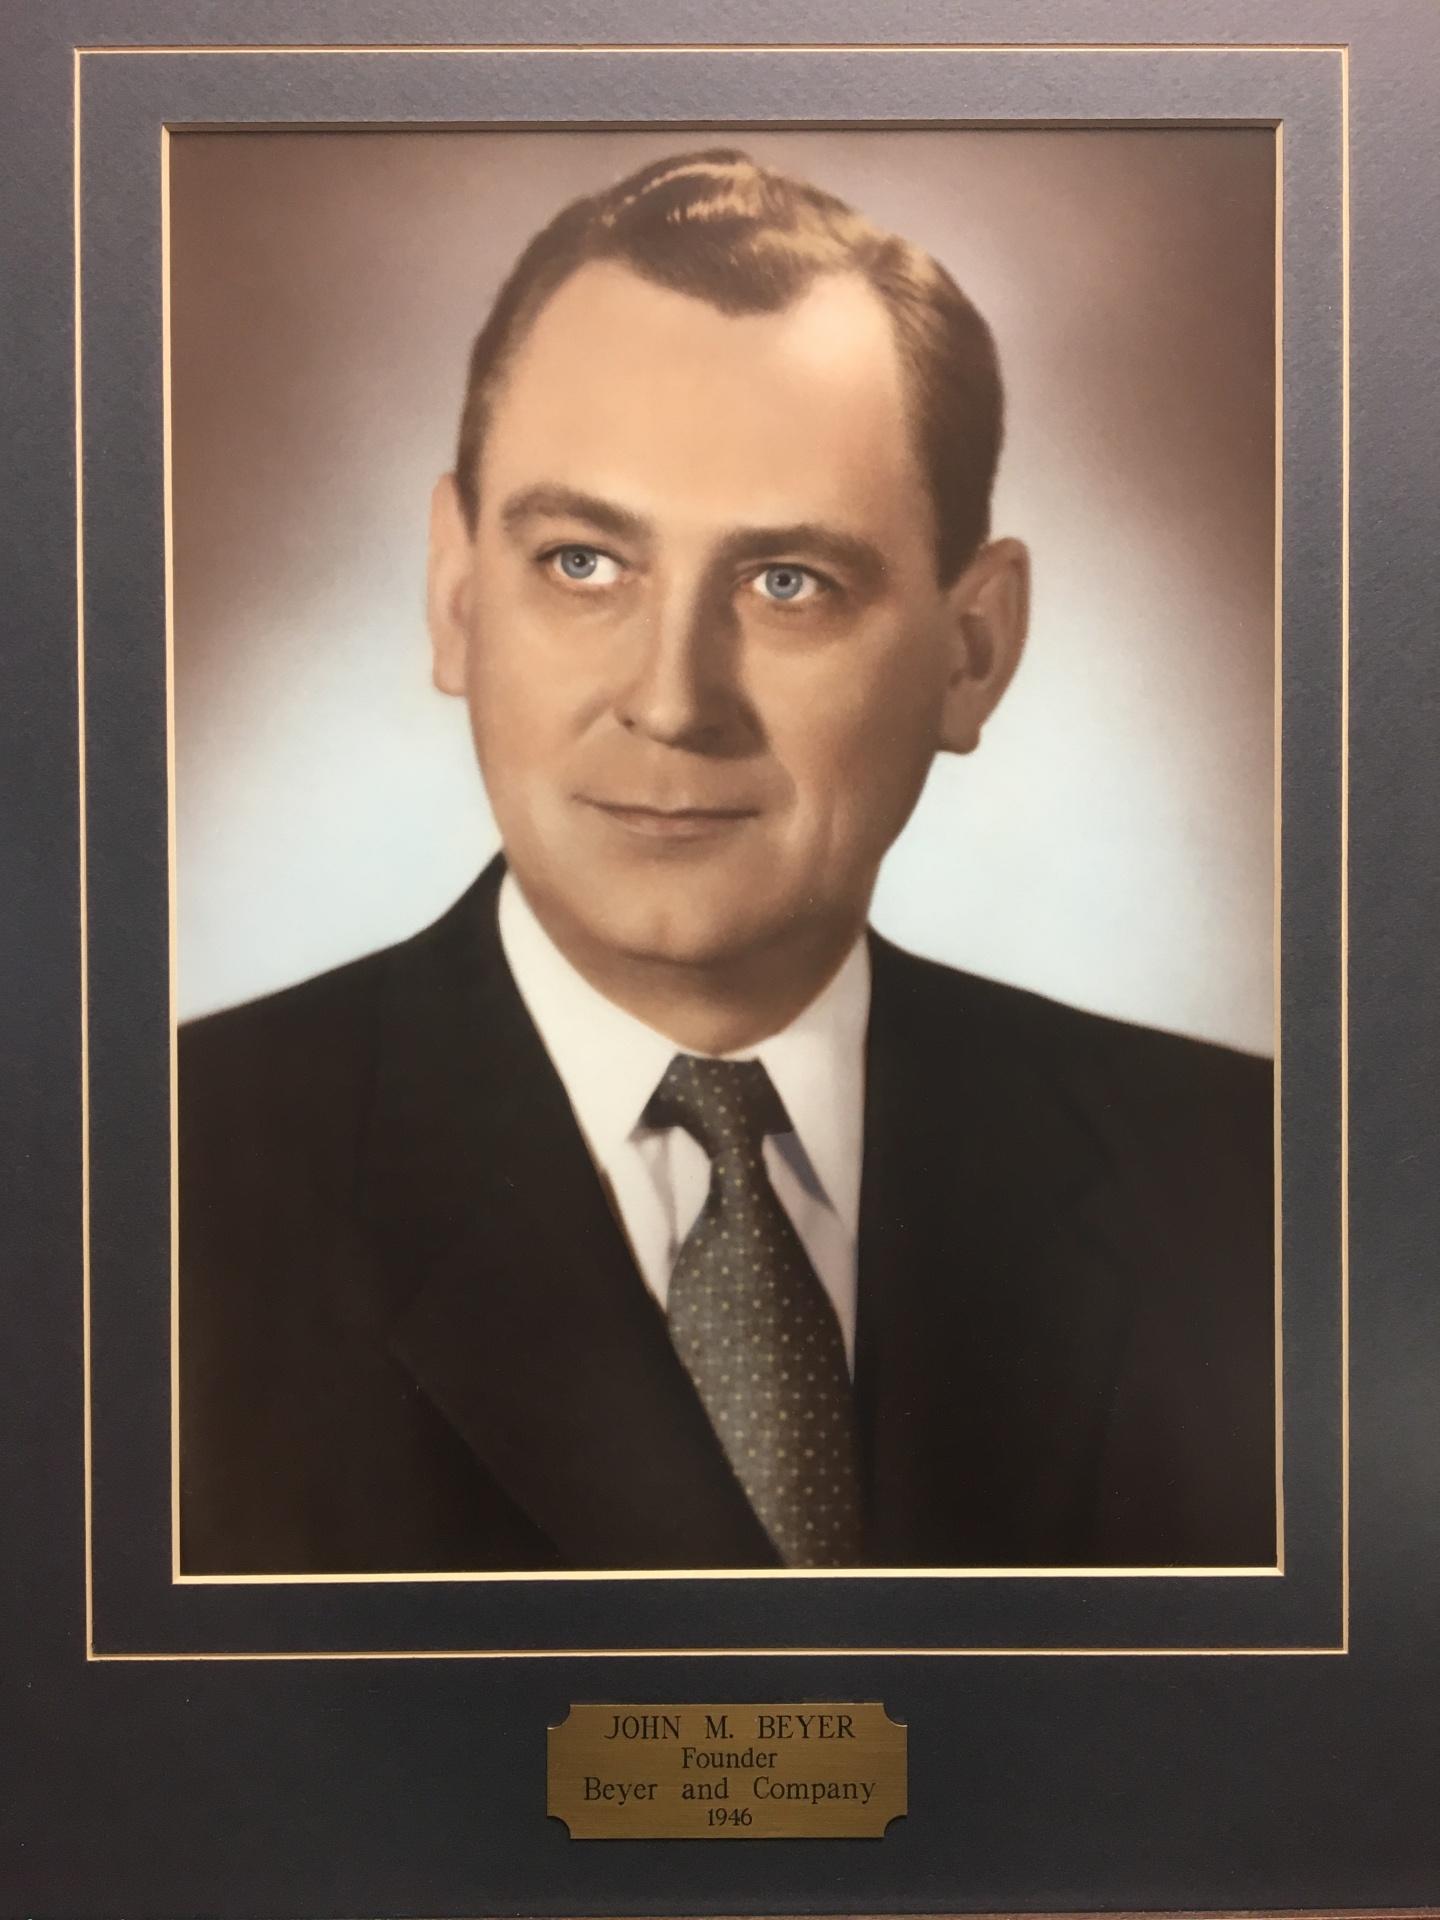 John M Beyer Sr Founder of Beyer & Co. Investments 1946